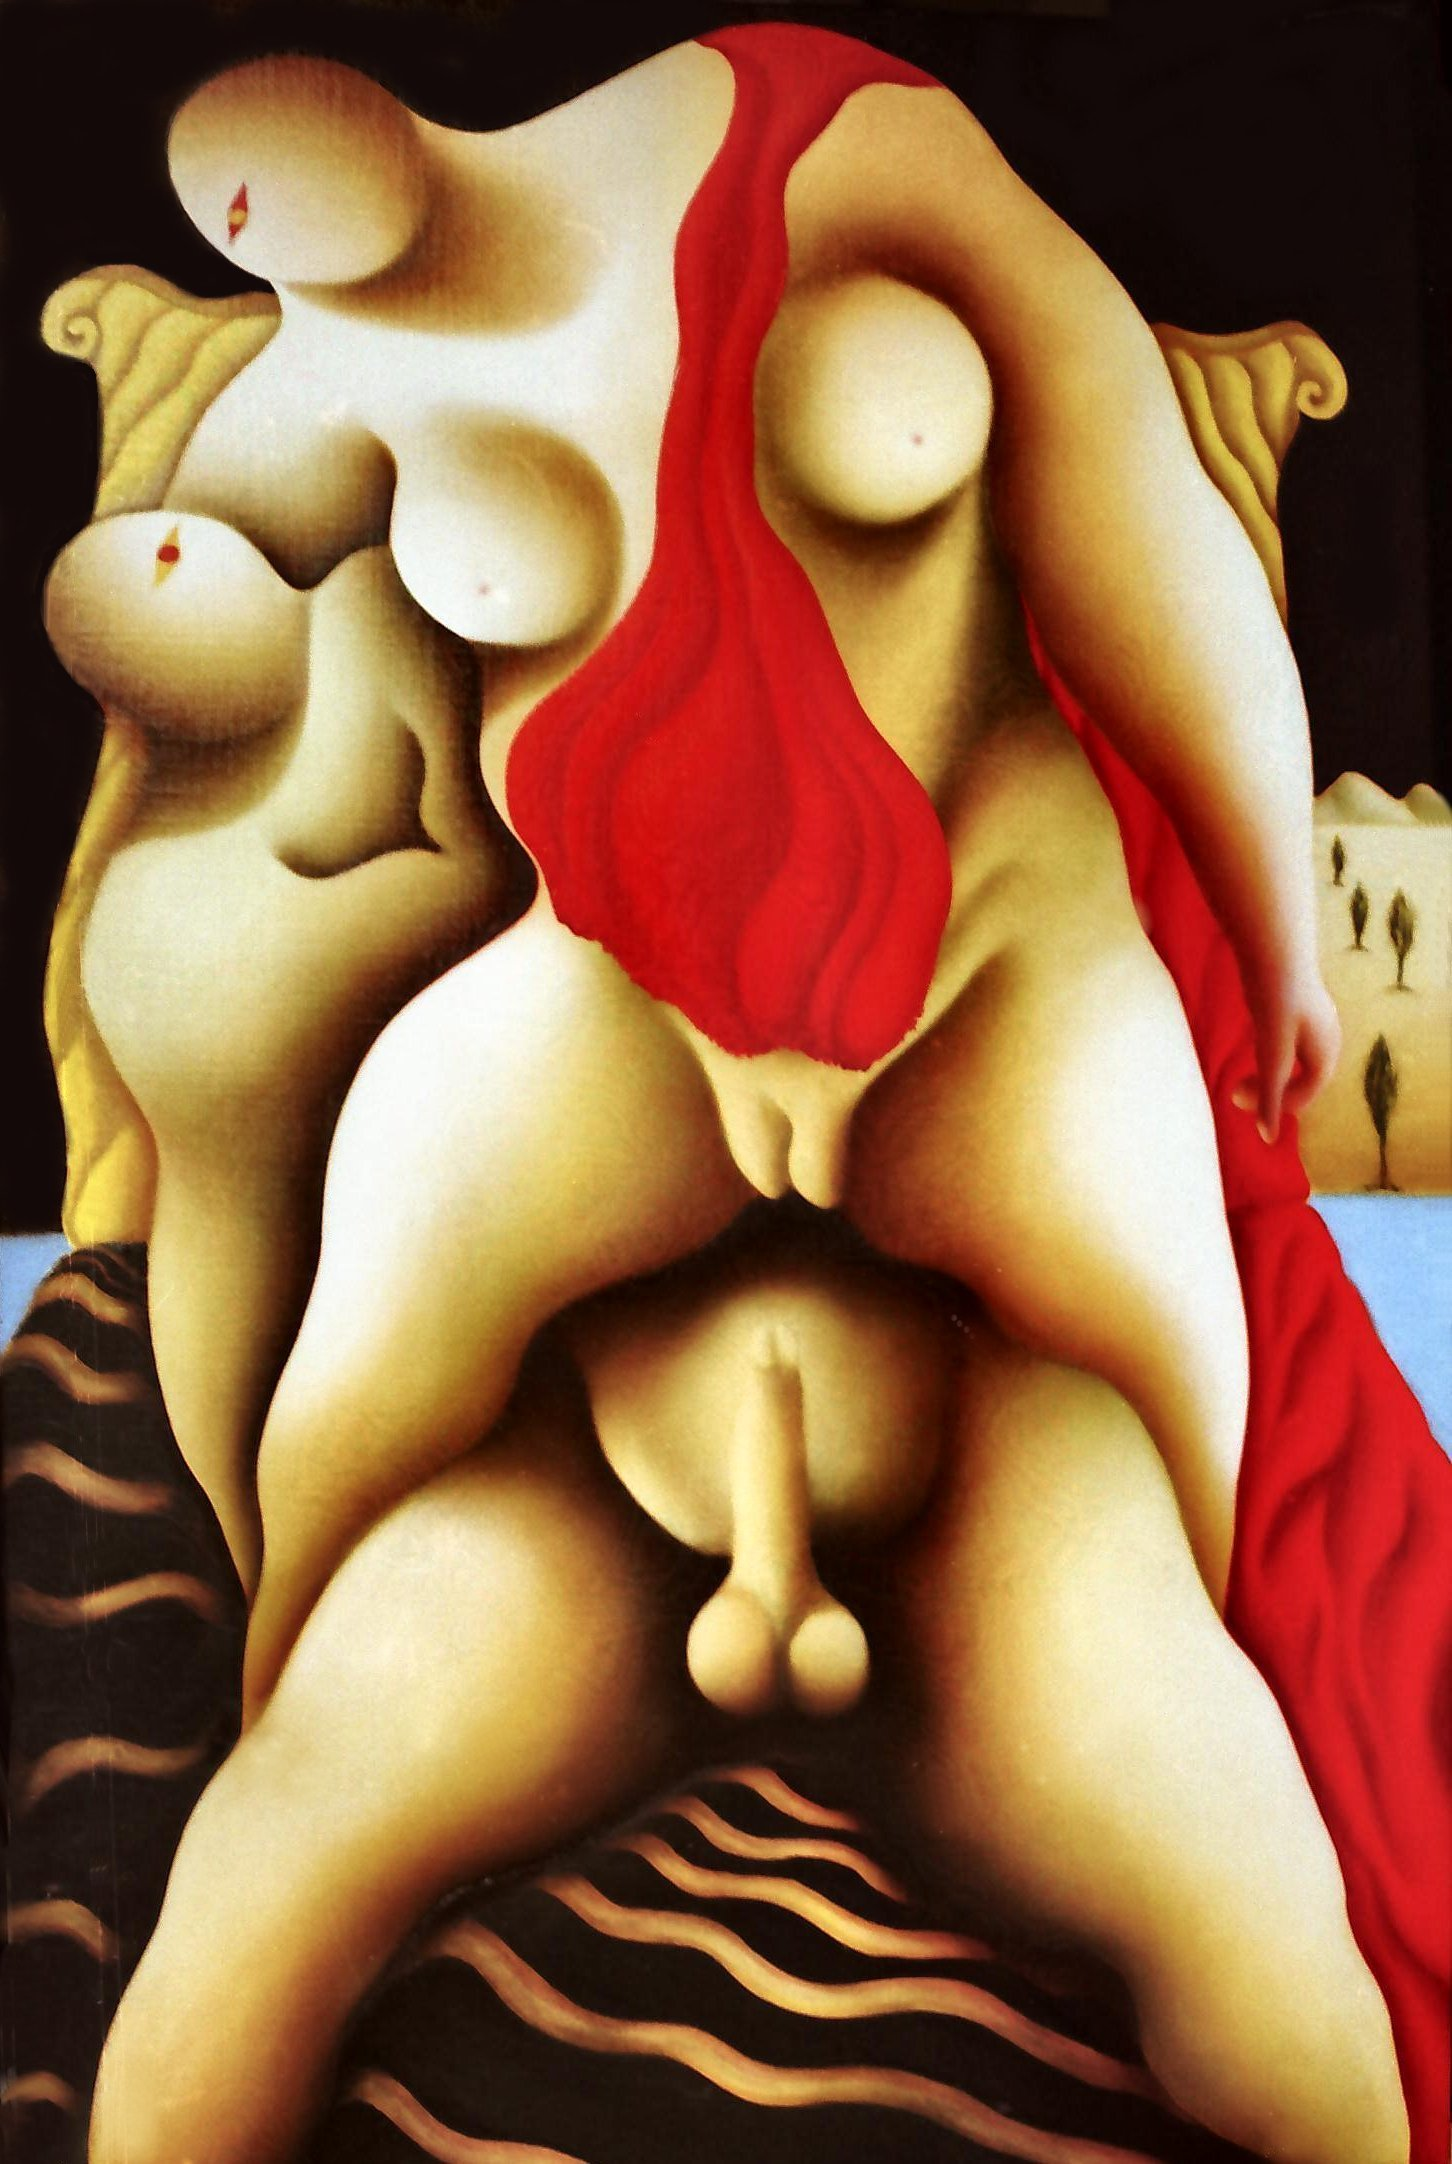 Il sesso nelle antiche religioni 09-Eros-3-olio-su-tela-cm-100x150-98-99